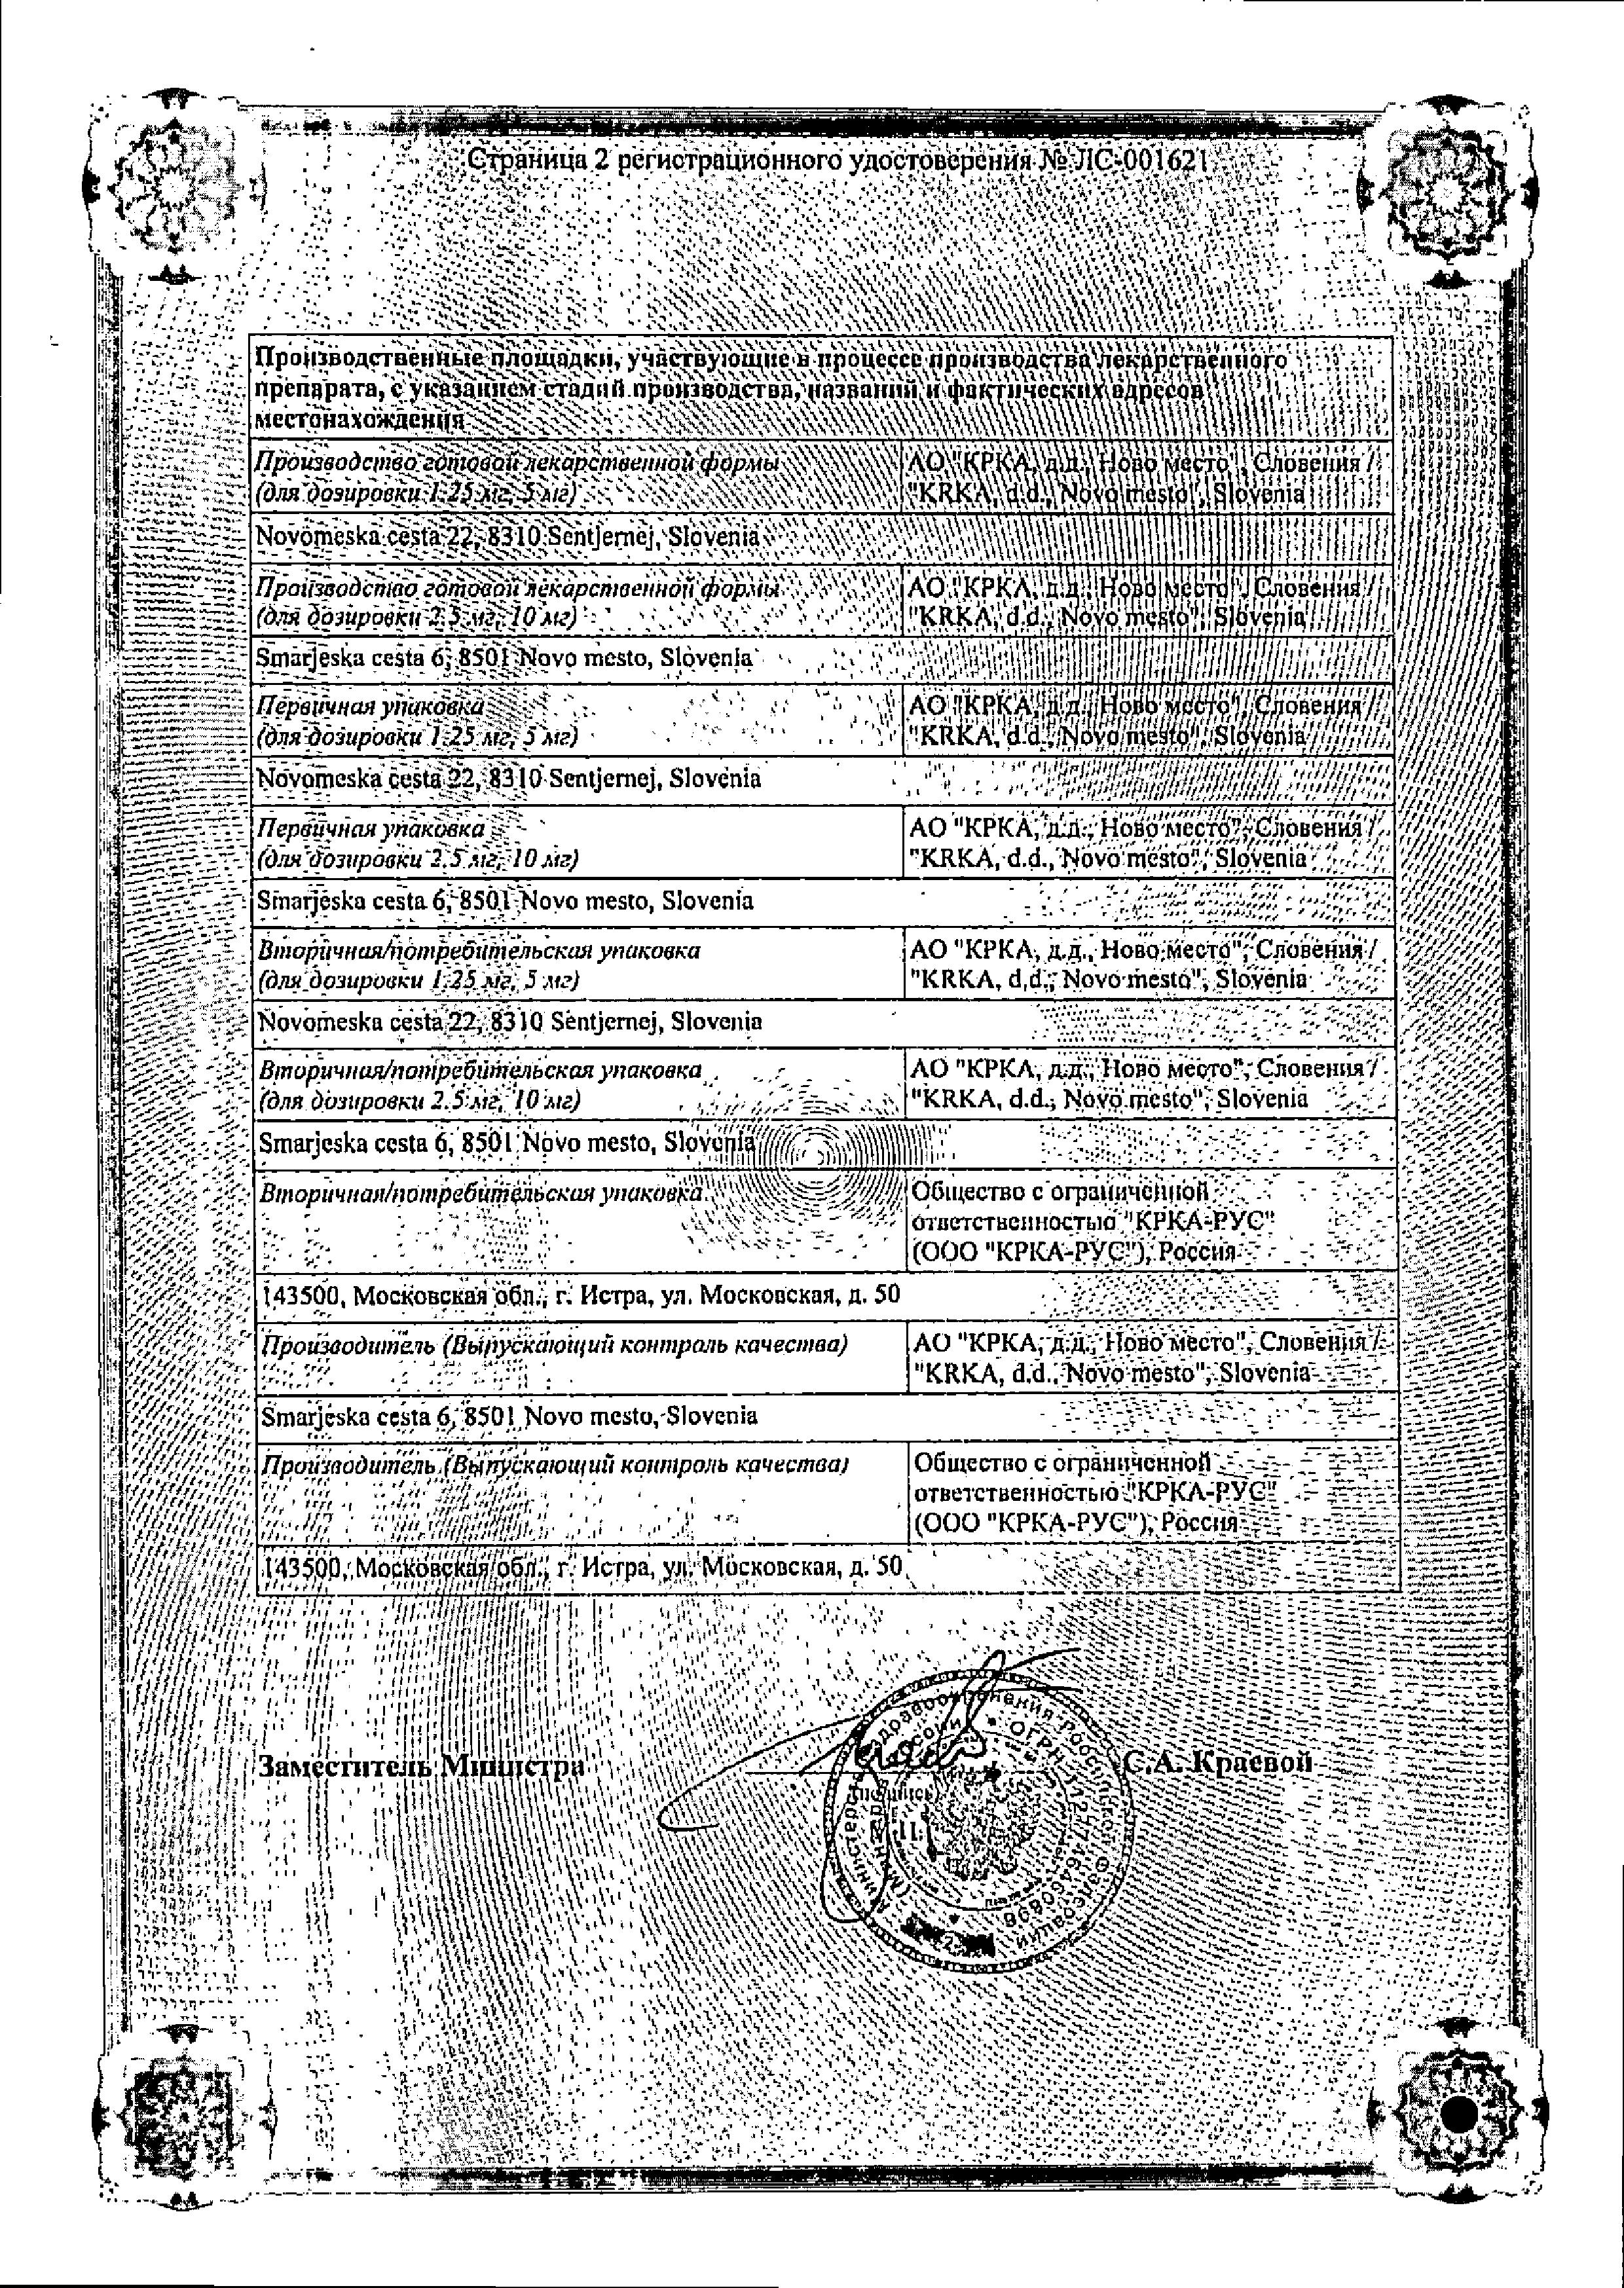 Амприлан сертификат